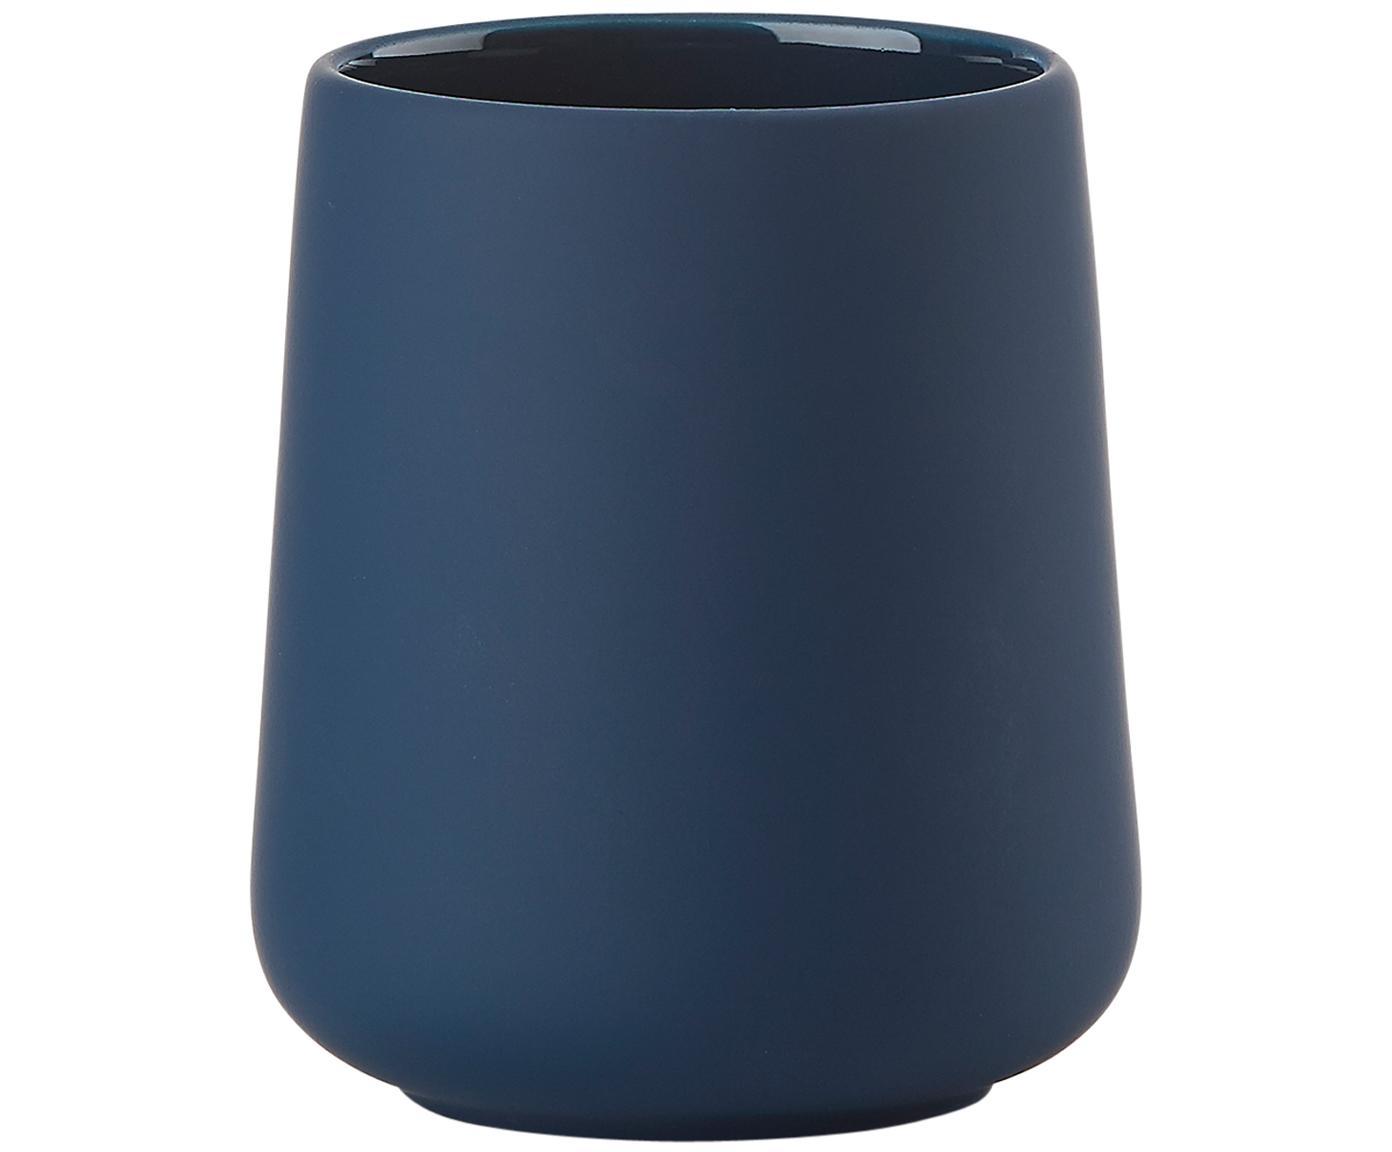 Vaso cepillo de dientes Clean, Porcelana, Azul real, Ø 8 x Al 10 cm